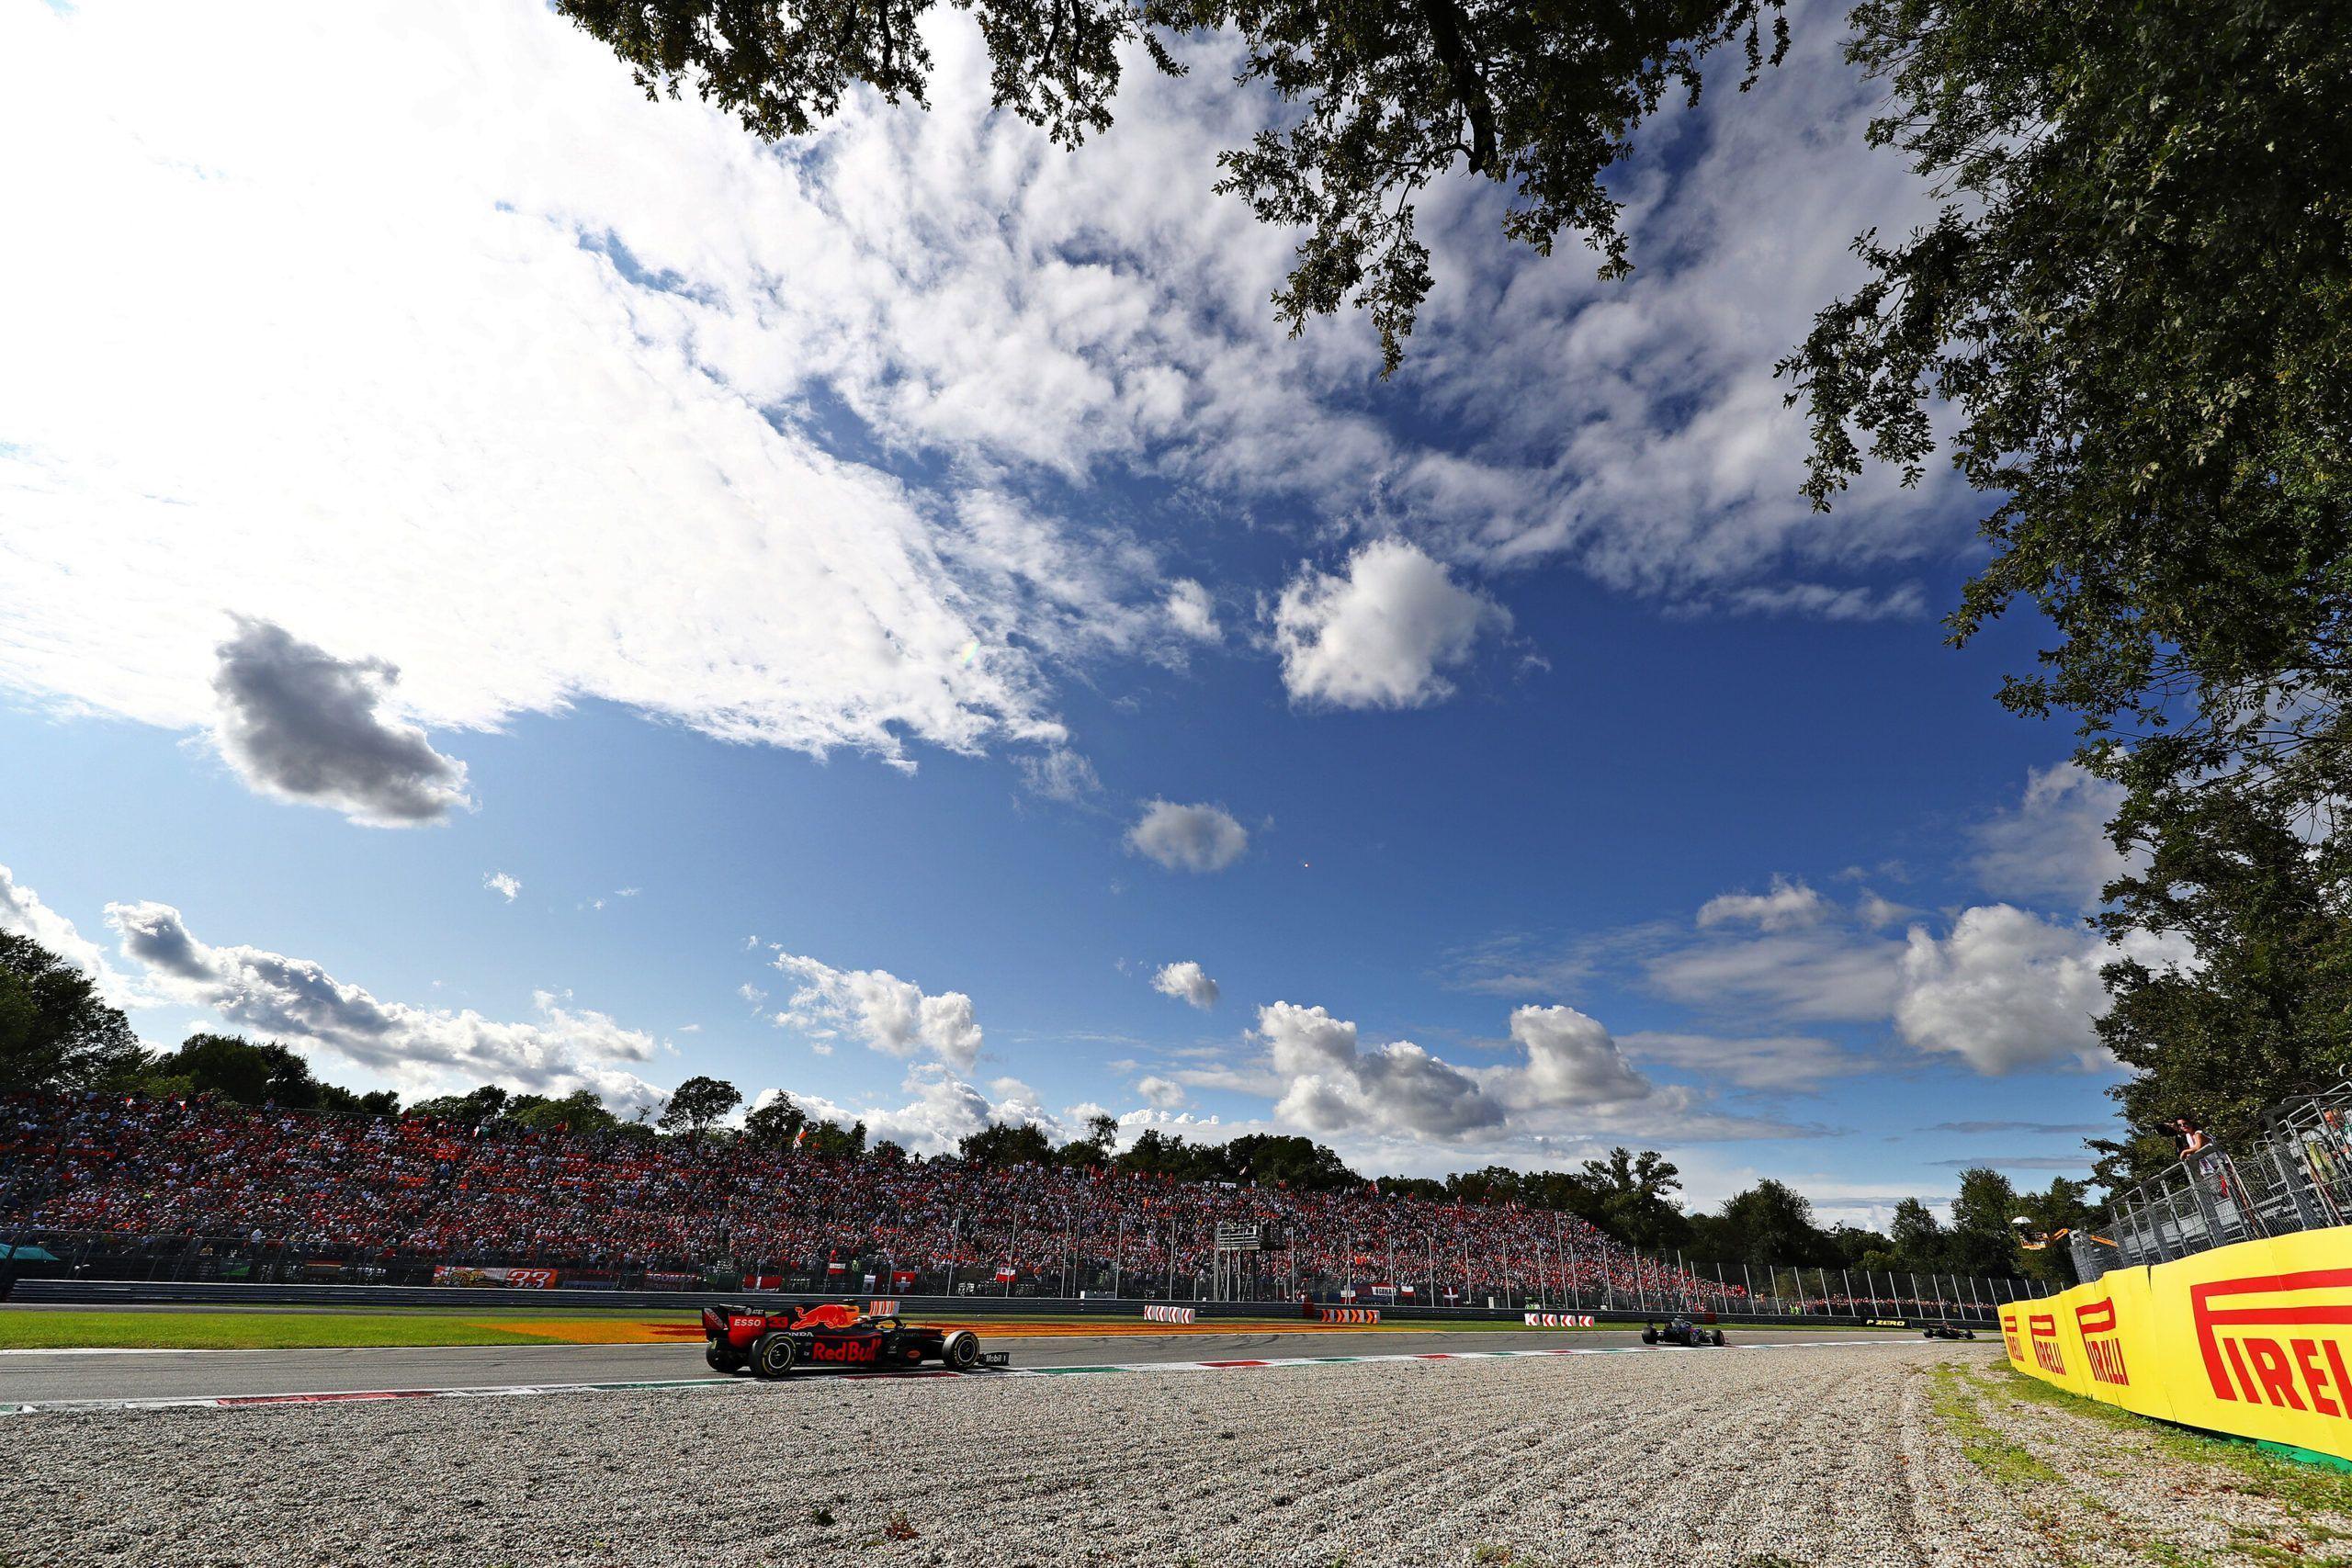 Ferrari, F1, Monza